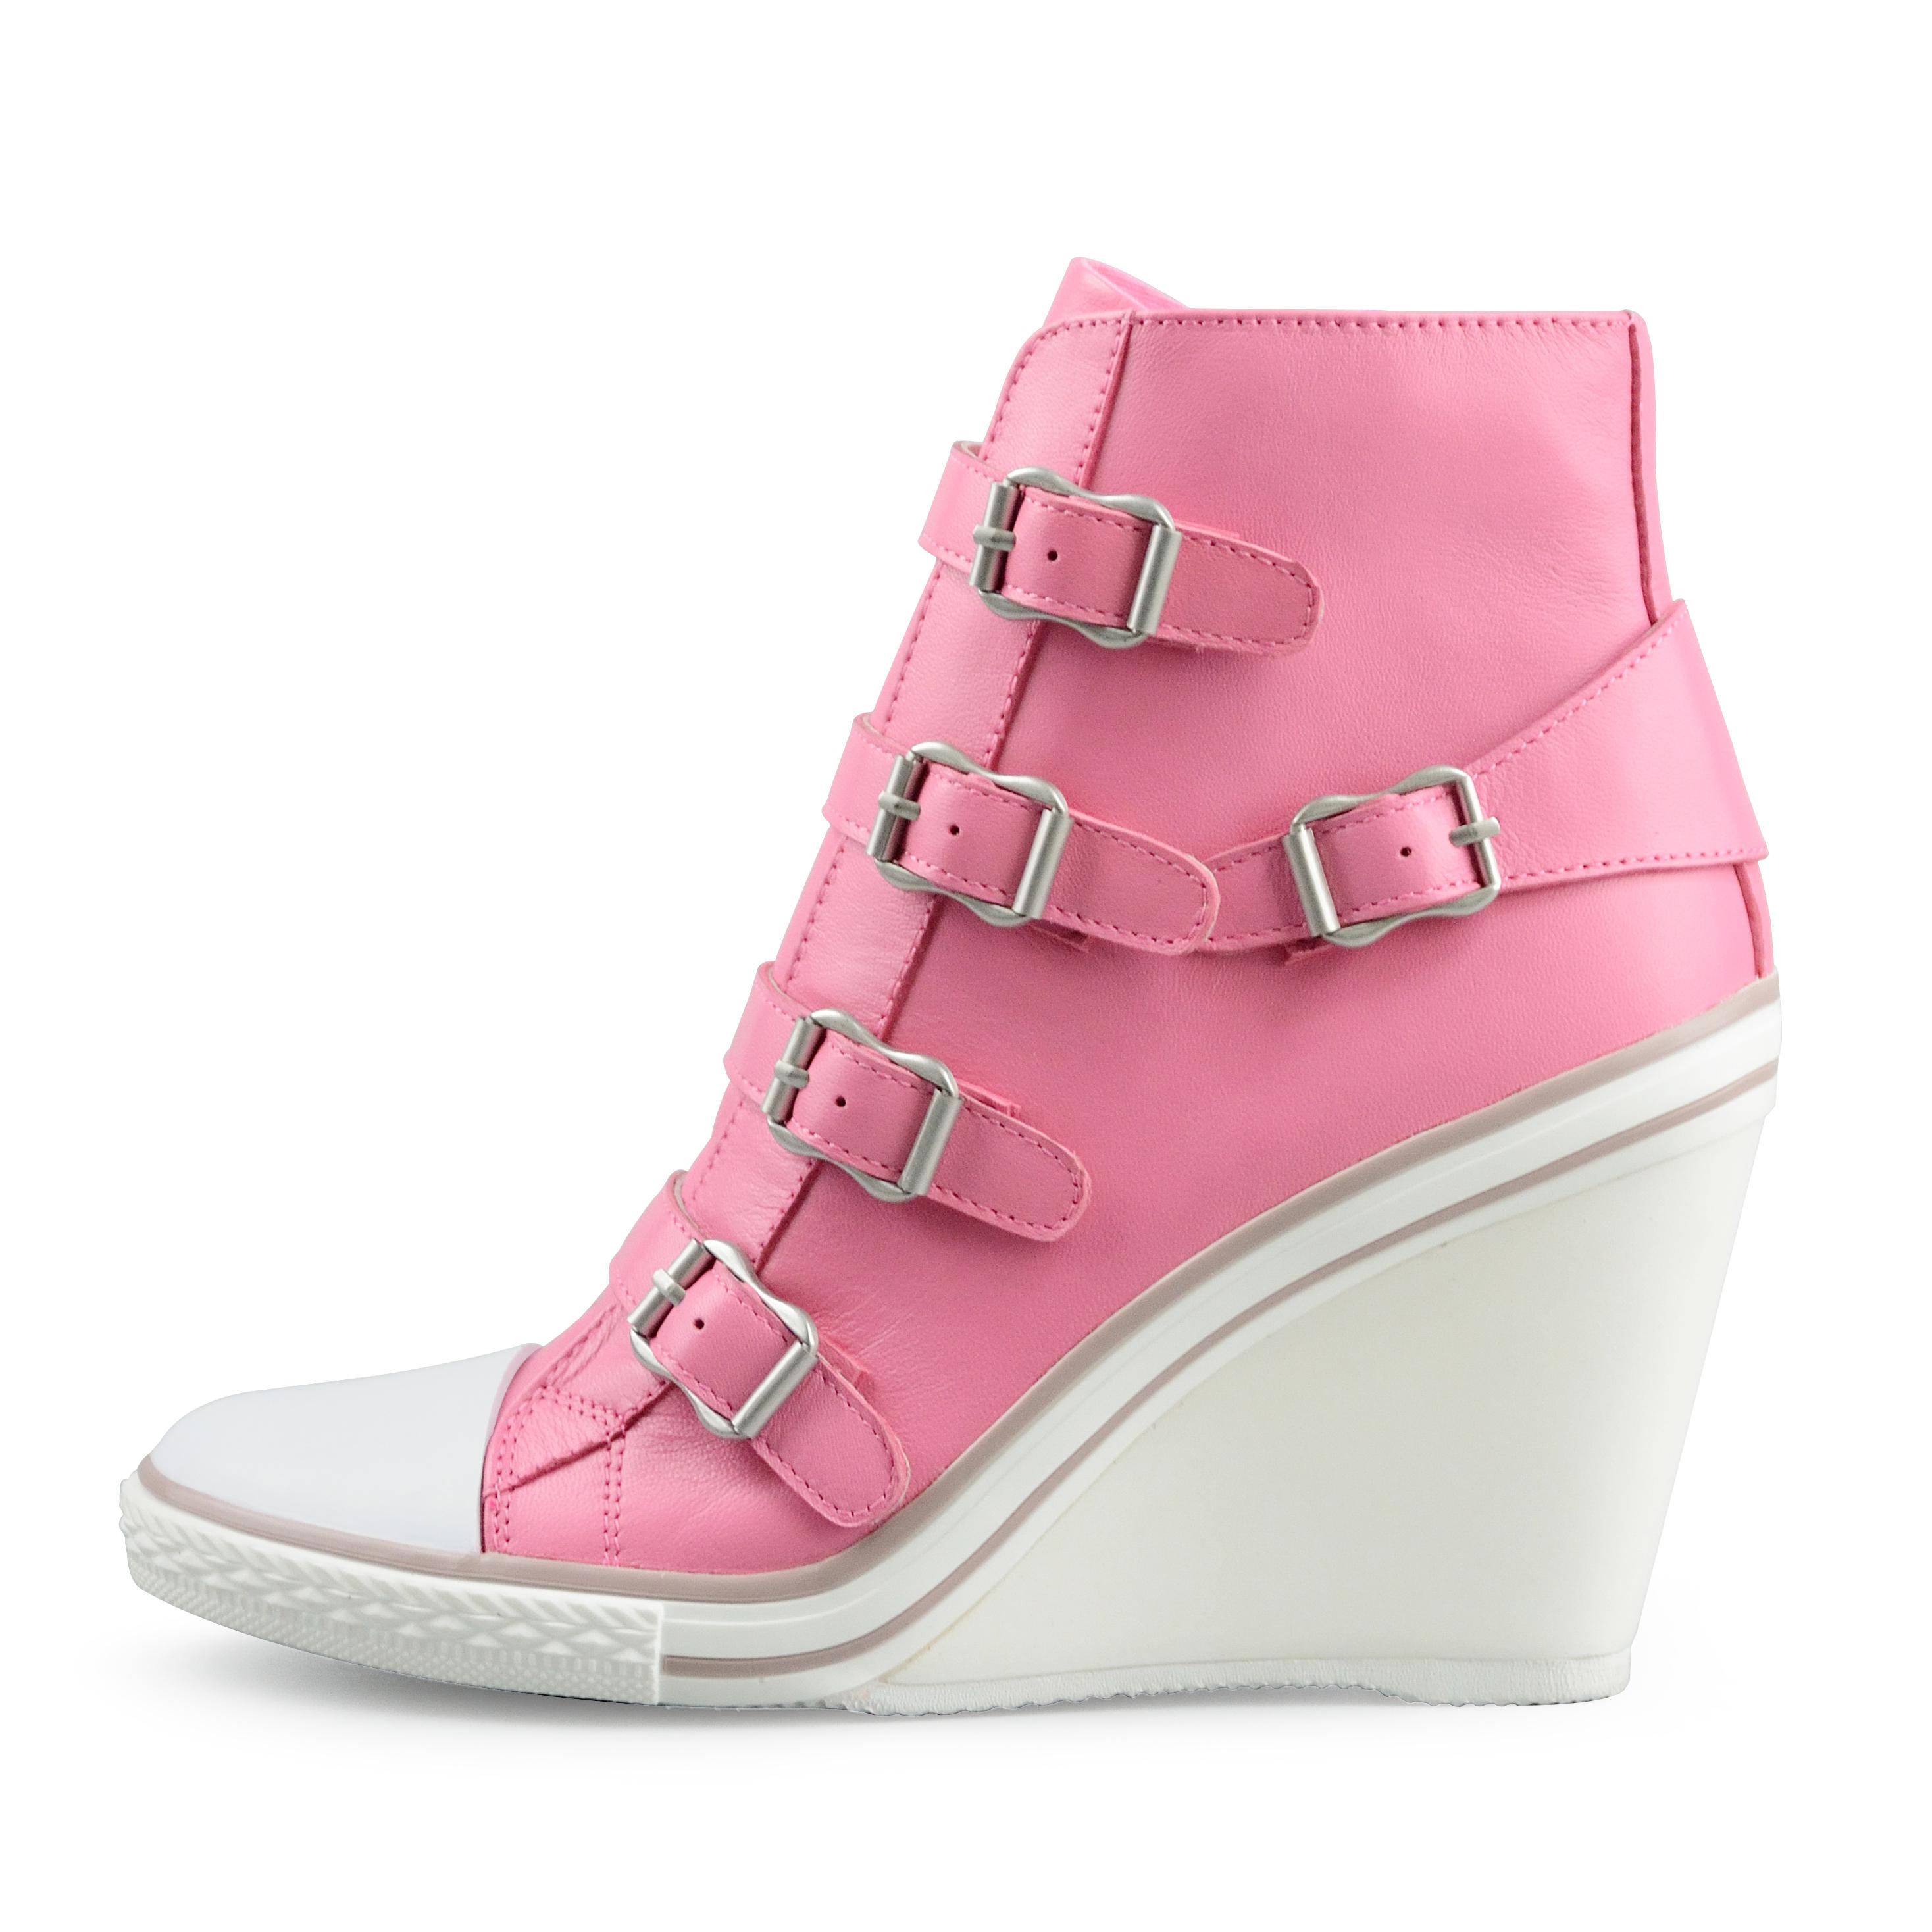 粉红色坡跟鞋 2017新款坡跟高帮明星同款女鞋糖果色真皮单鞋粉红色搭扣休闲潮鞋_推荐淘宝好看的粉红色坡跟鞋